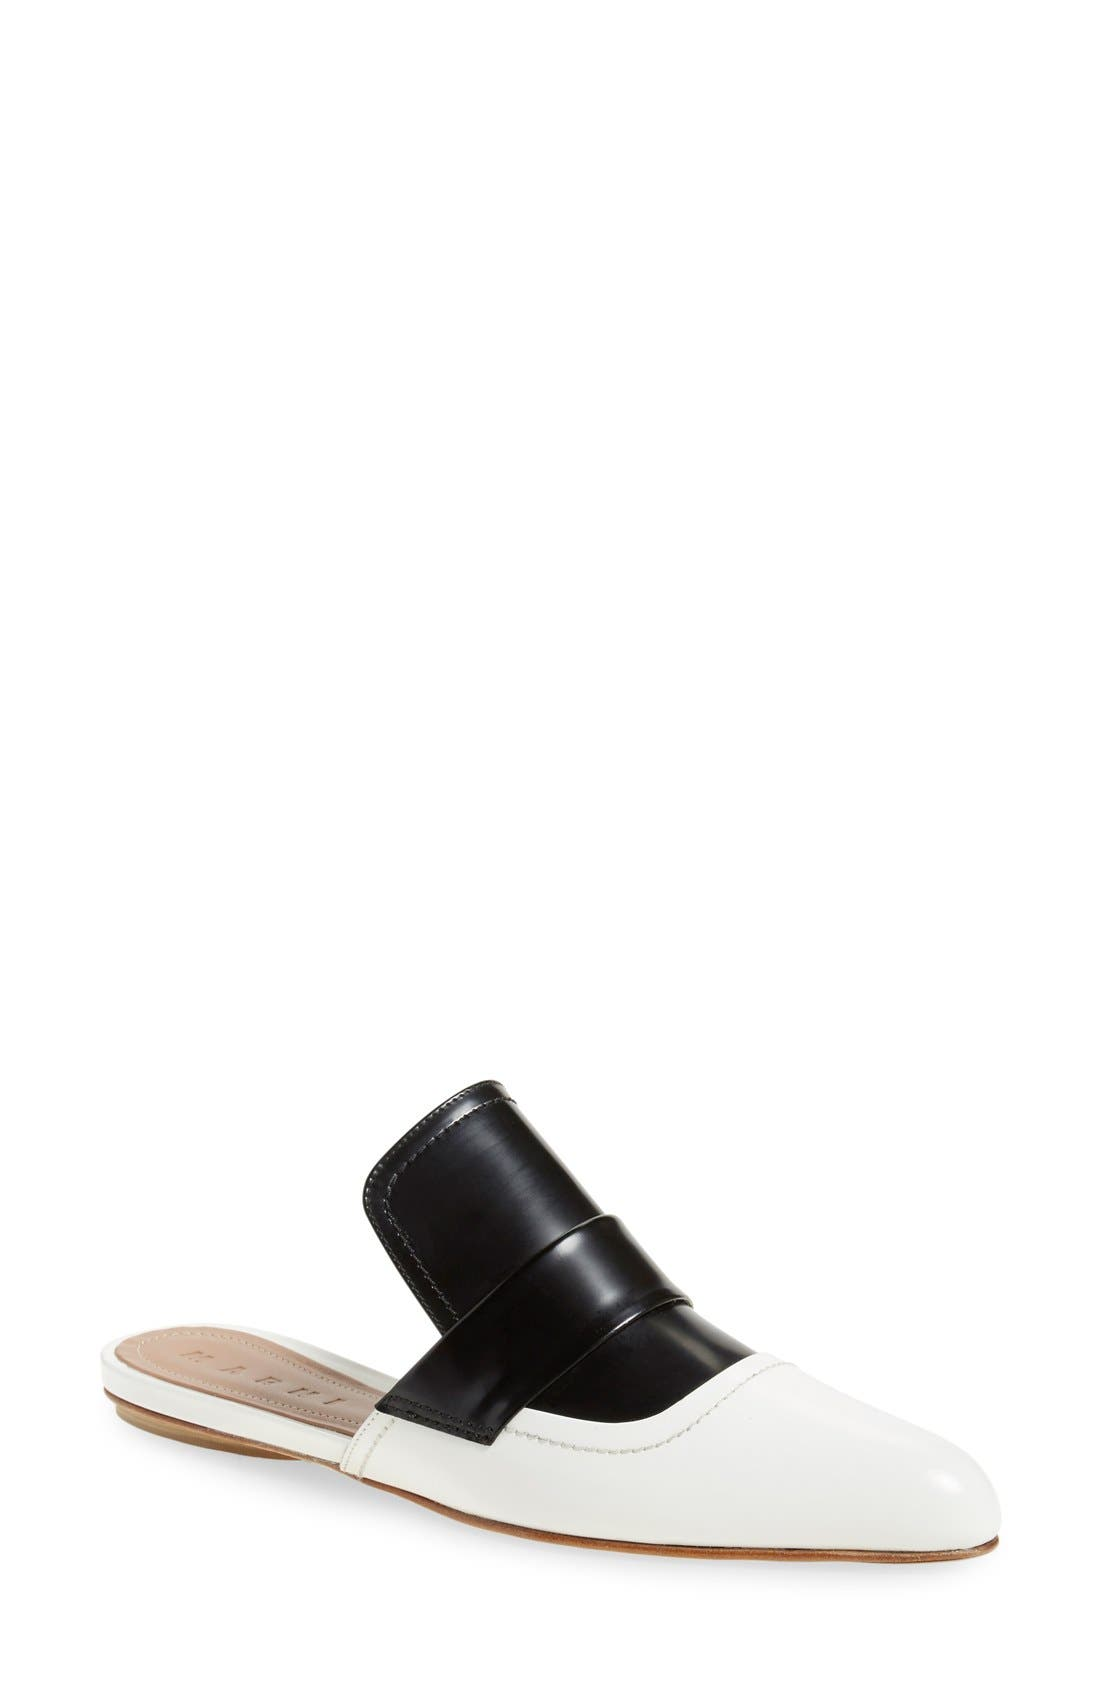 Alternate Image 1 Selected - Marni 'Sabot' Slide Loafer (Women)